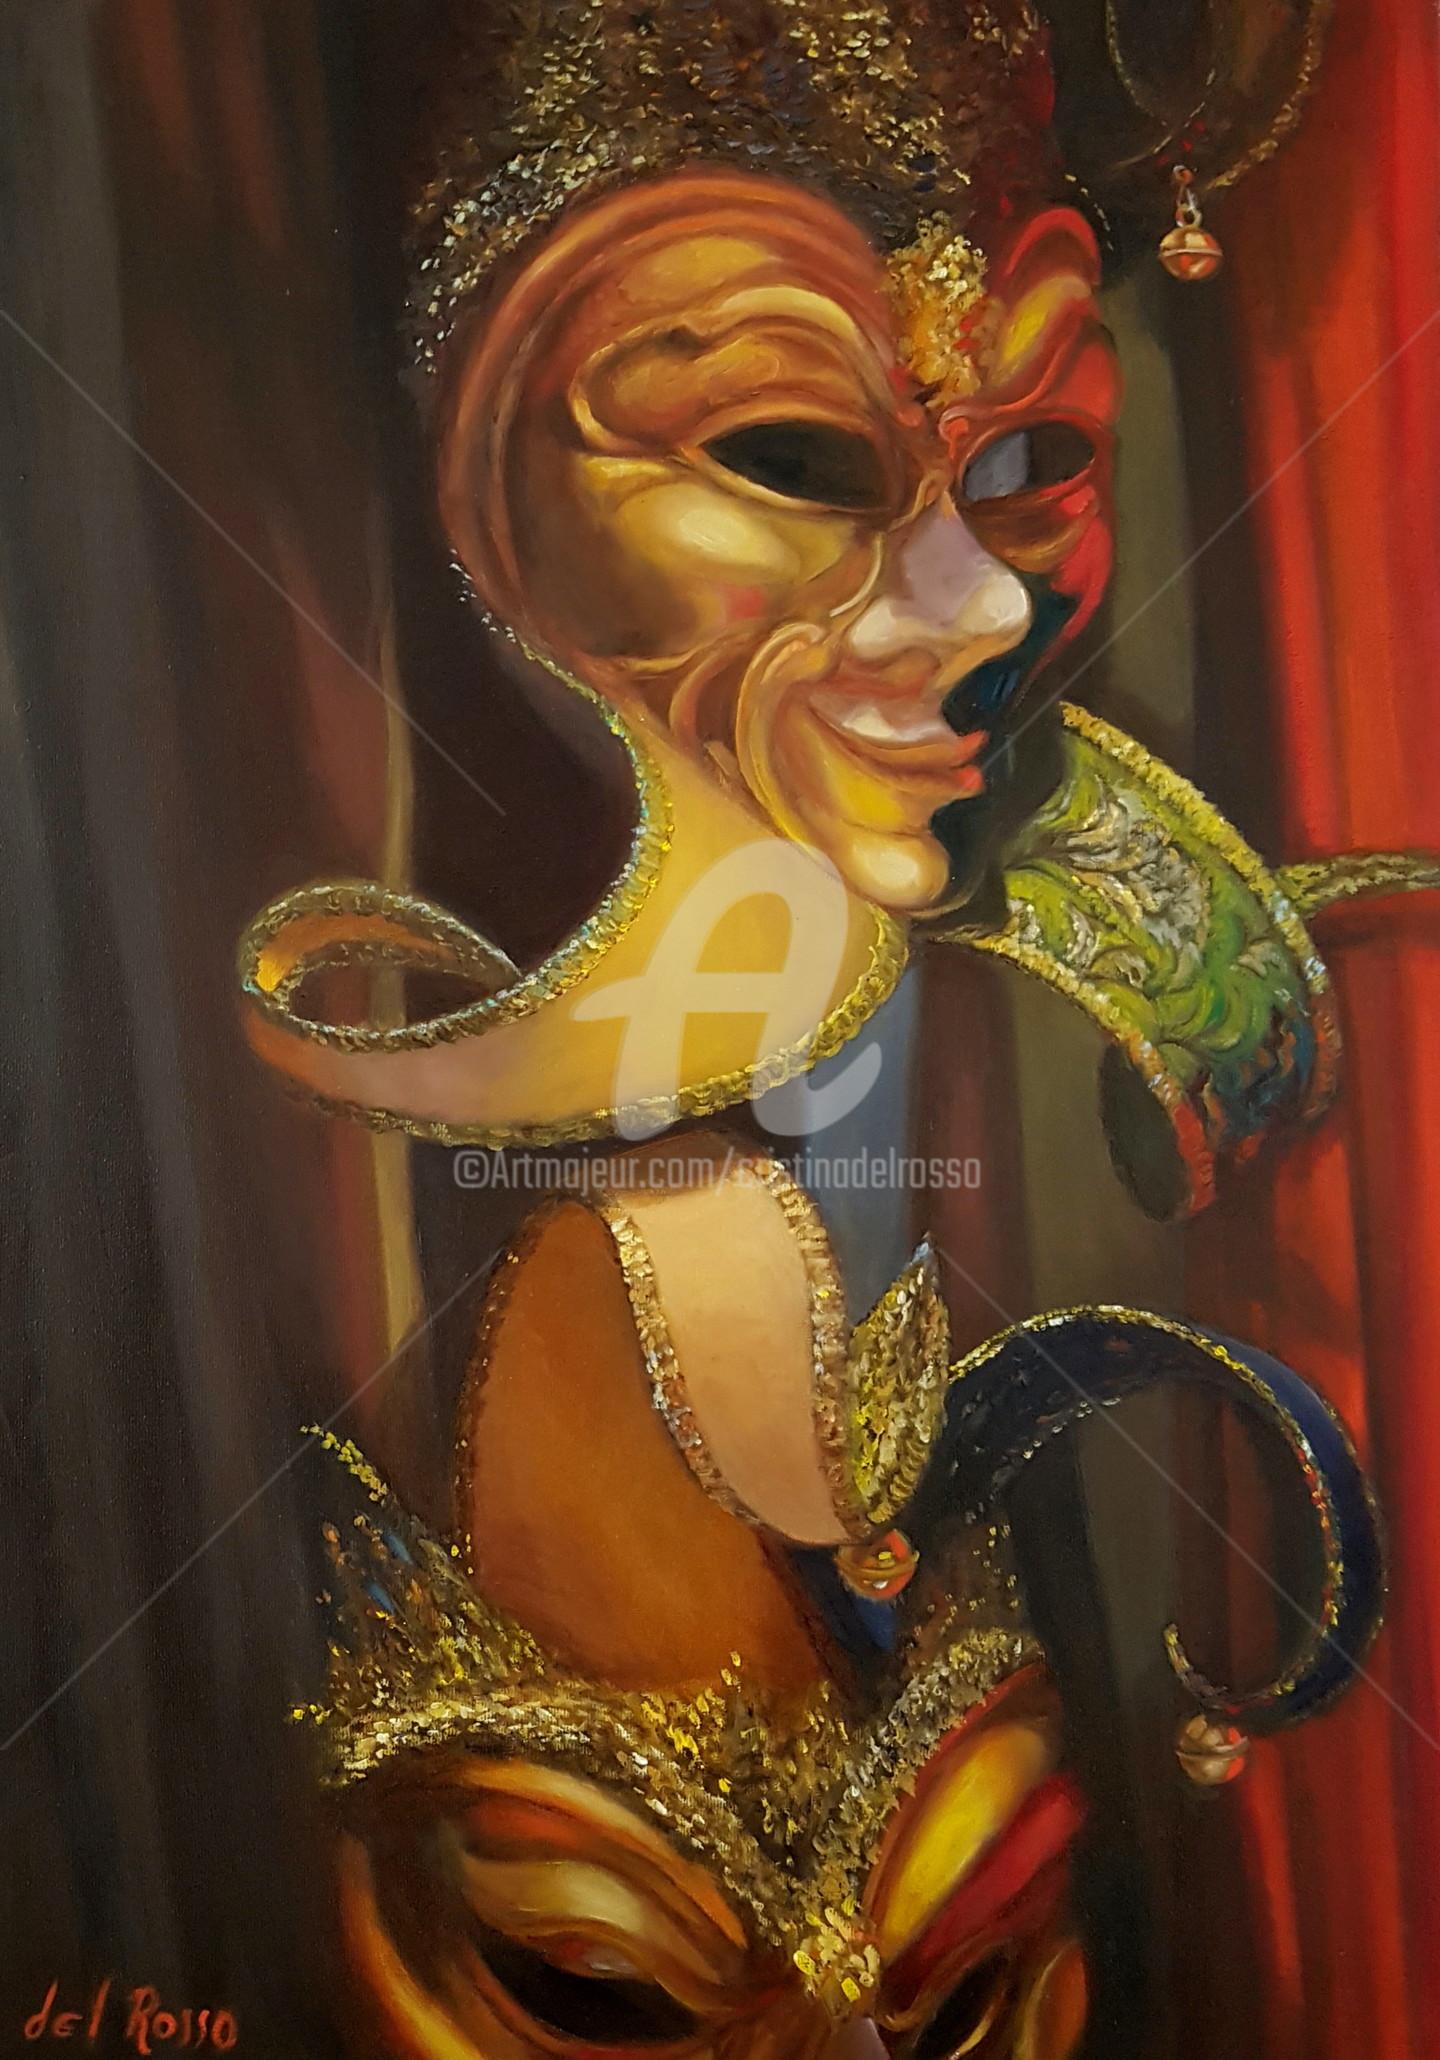 Cristina Del Rosso - Tus máscaras (venecianas)